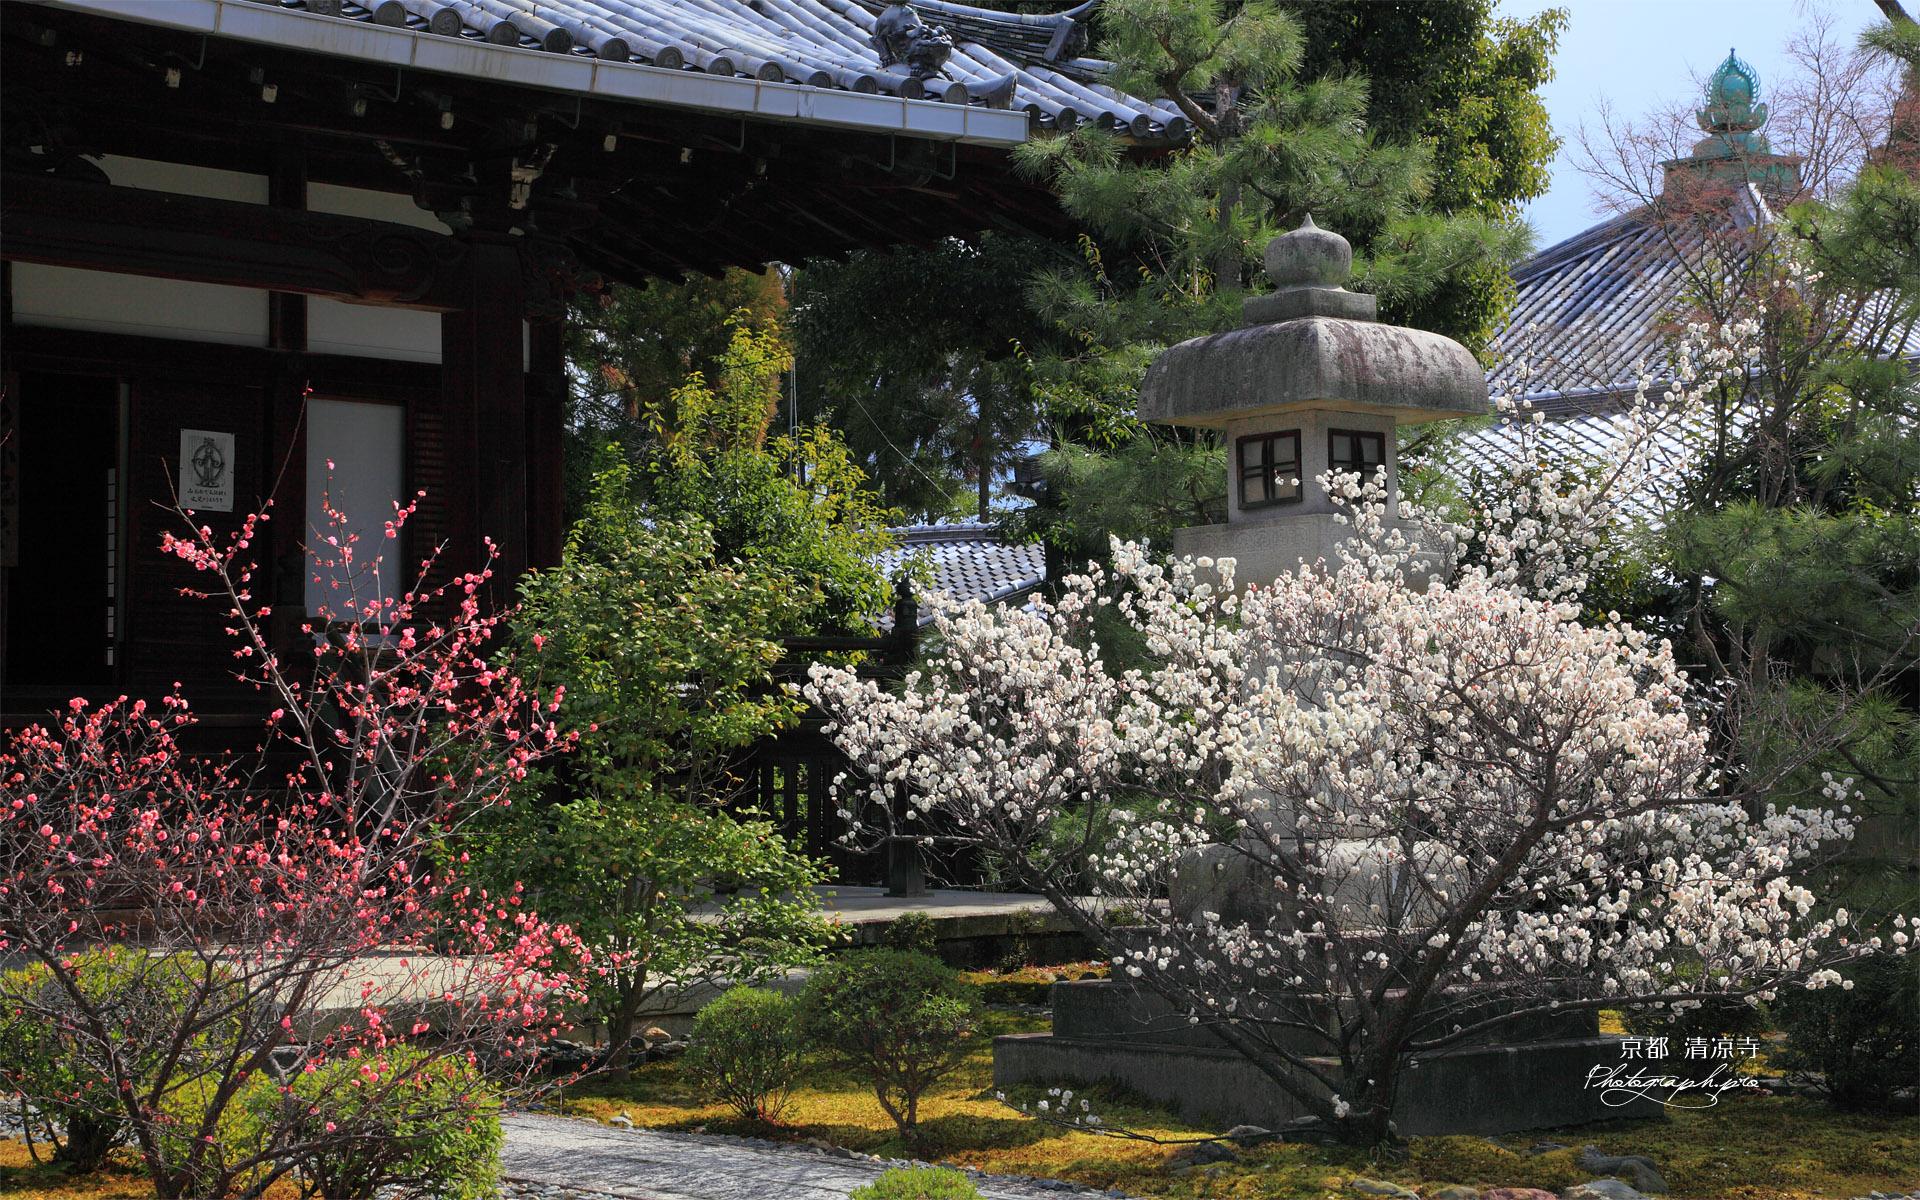 清凉寺 ウメ咲く阿弥陀堂